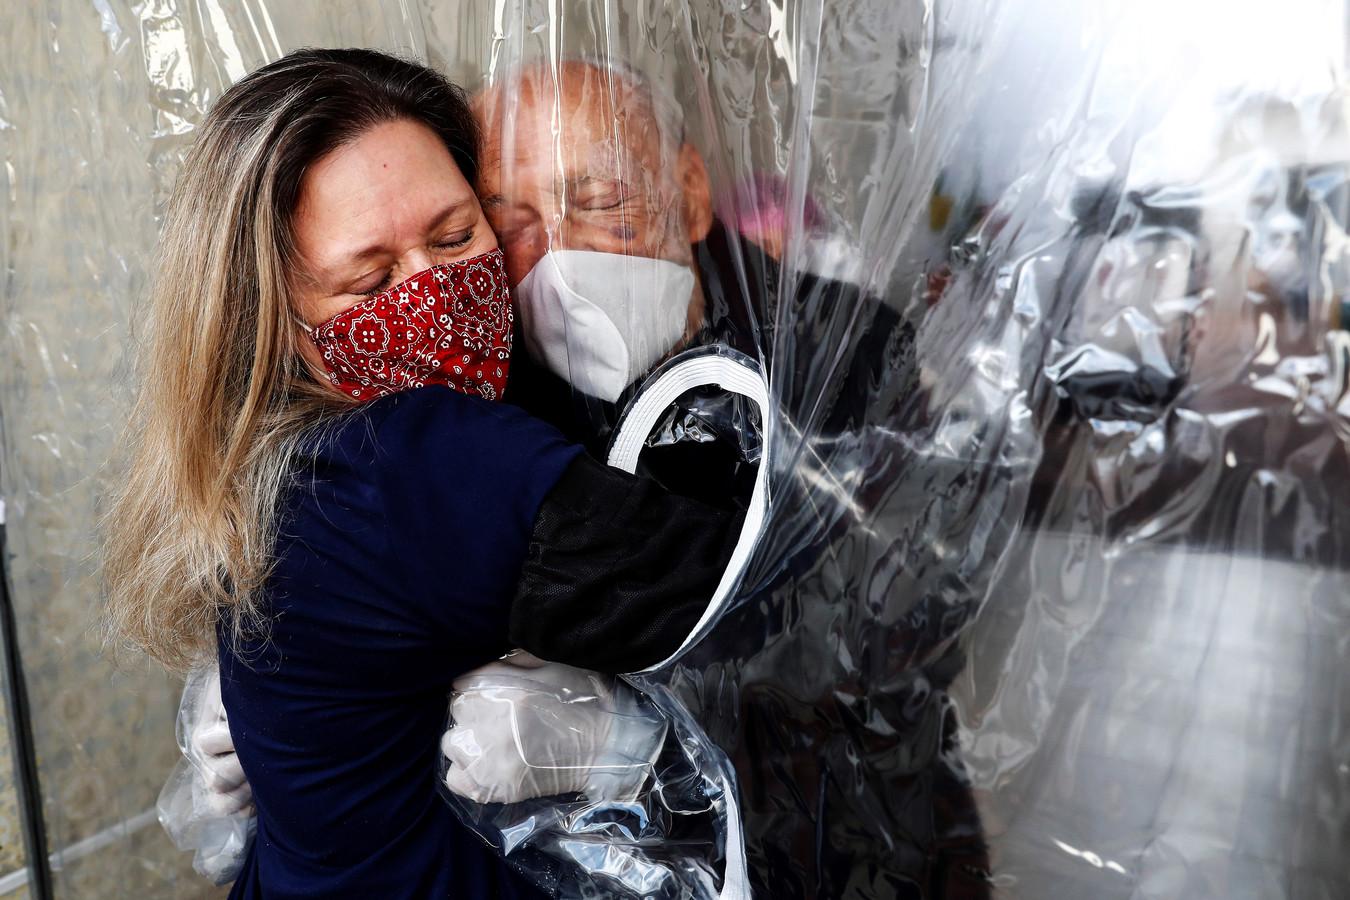 Maria Paula Moraes knuffelt haar 82-jarige vader. De twee zijn vanwege het coronavirus gescheiden door een 'knuffelgordijn' in Sao Paulo, Brazilië.